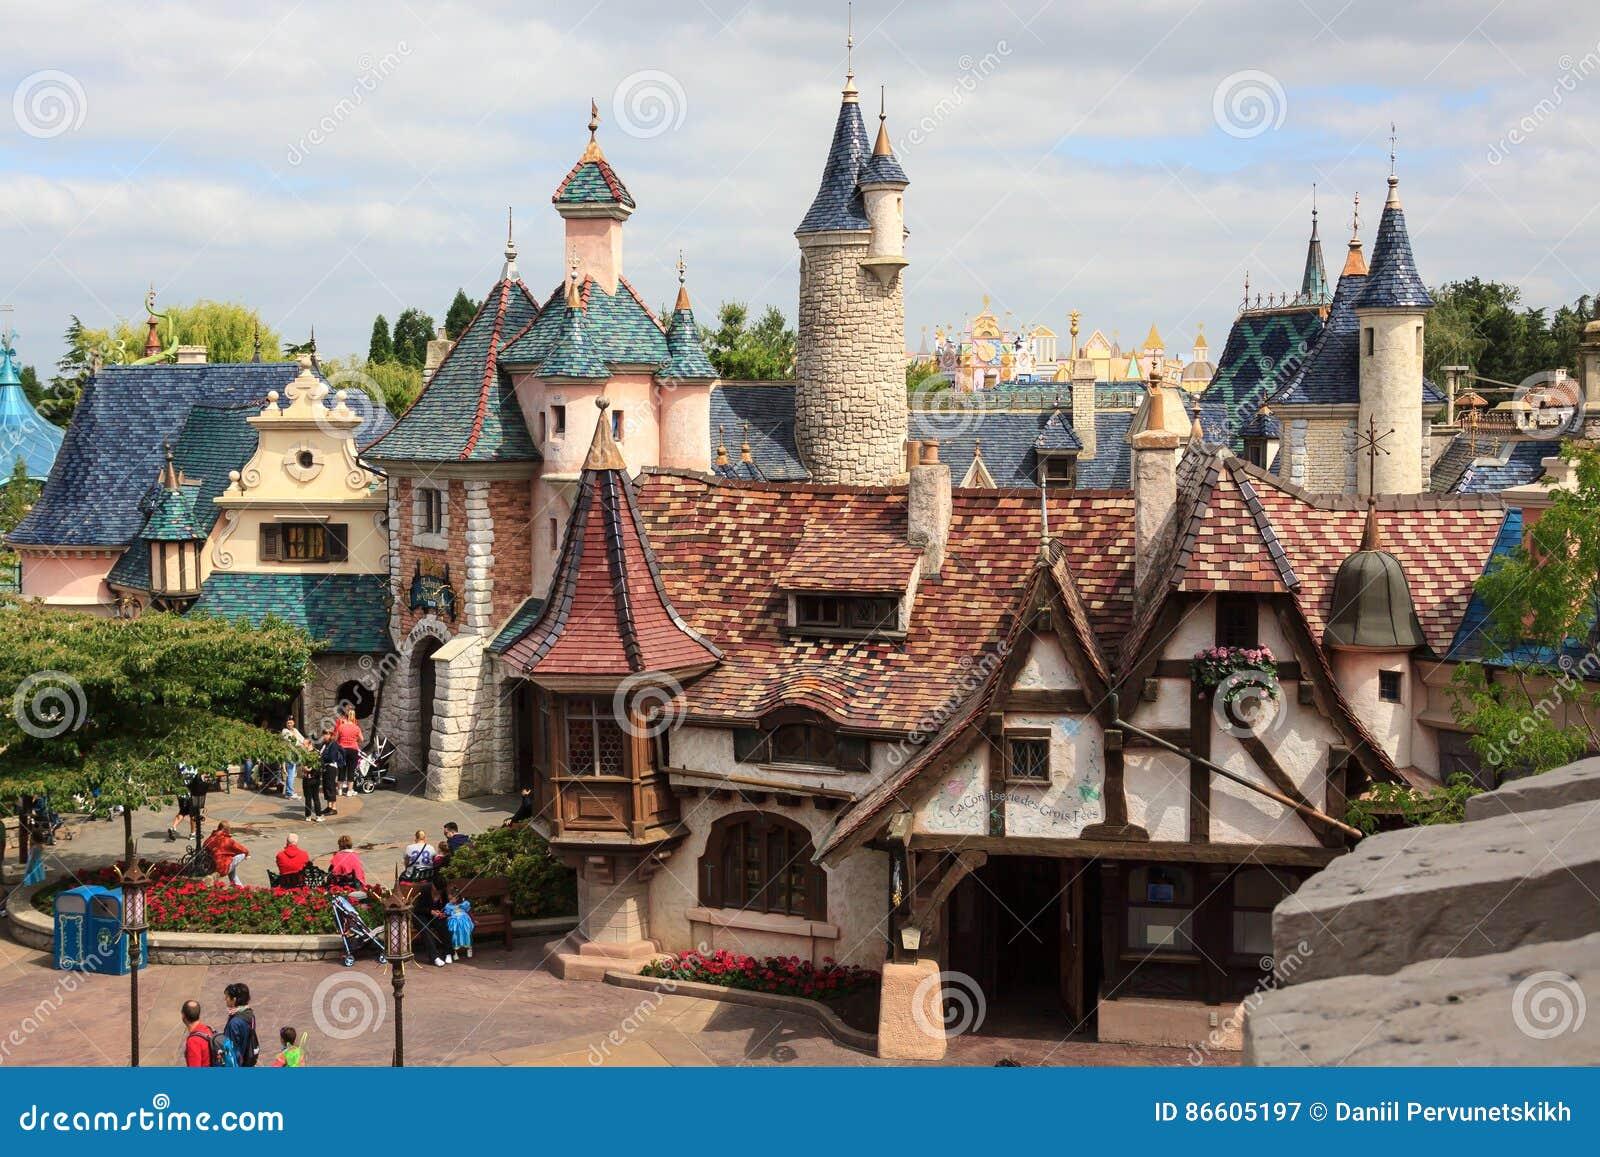 Fairyland с меньшей деревней, замок